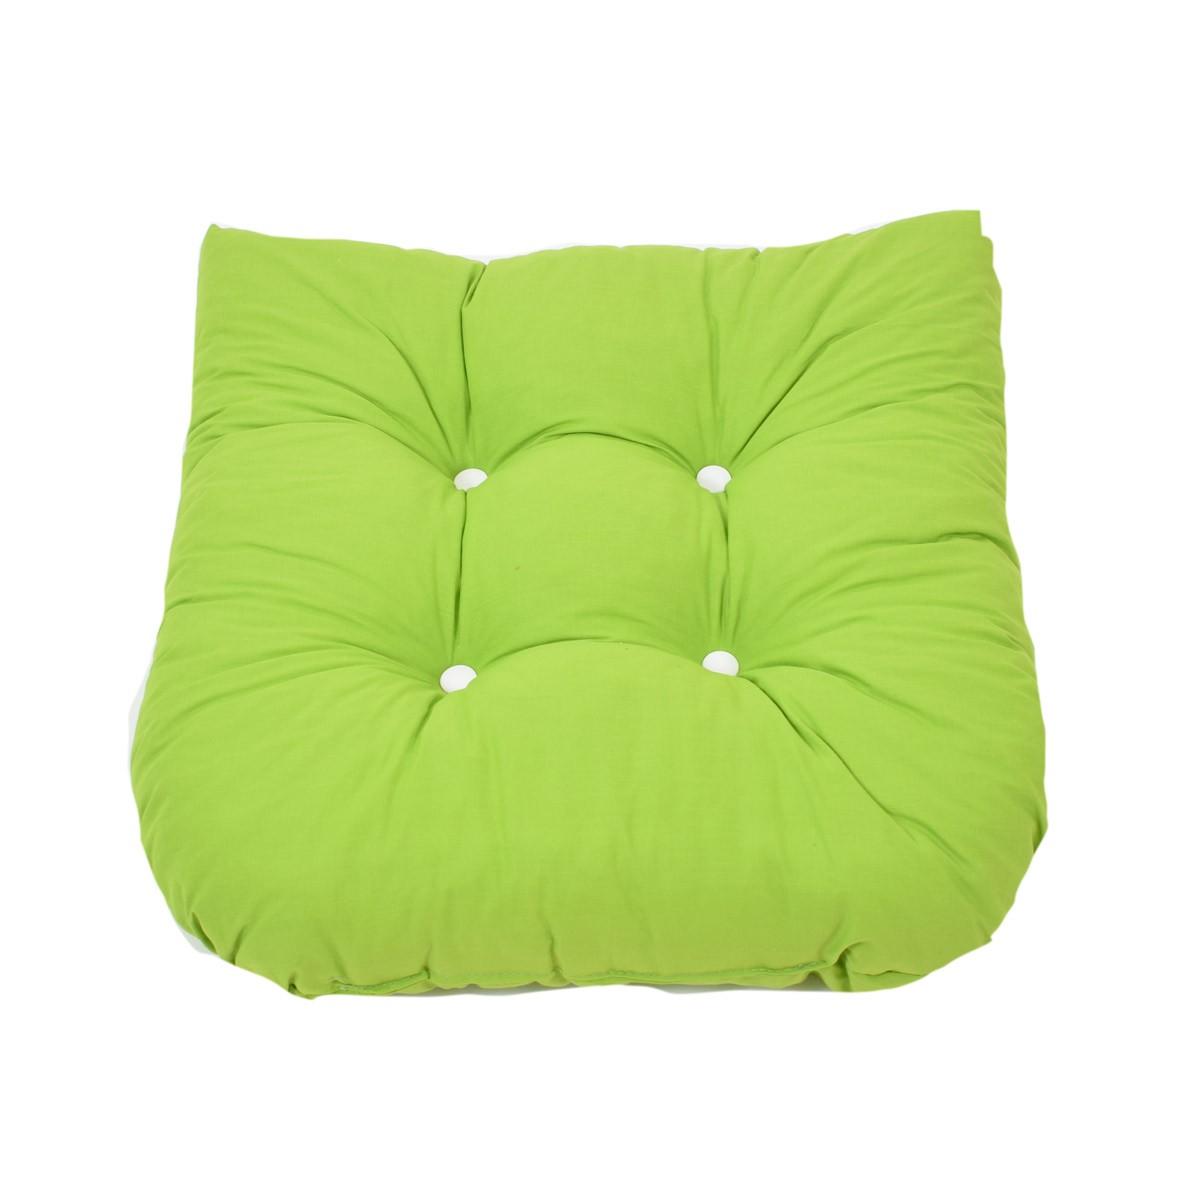 Μαξιλάρι Καρέκλας Bamboo Πέταλο Fratoni Solid Green